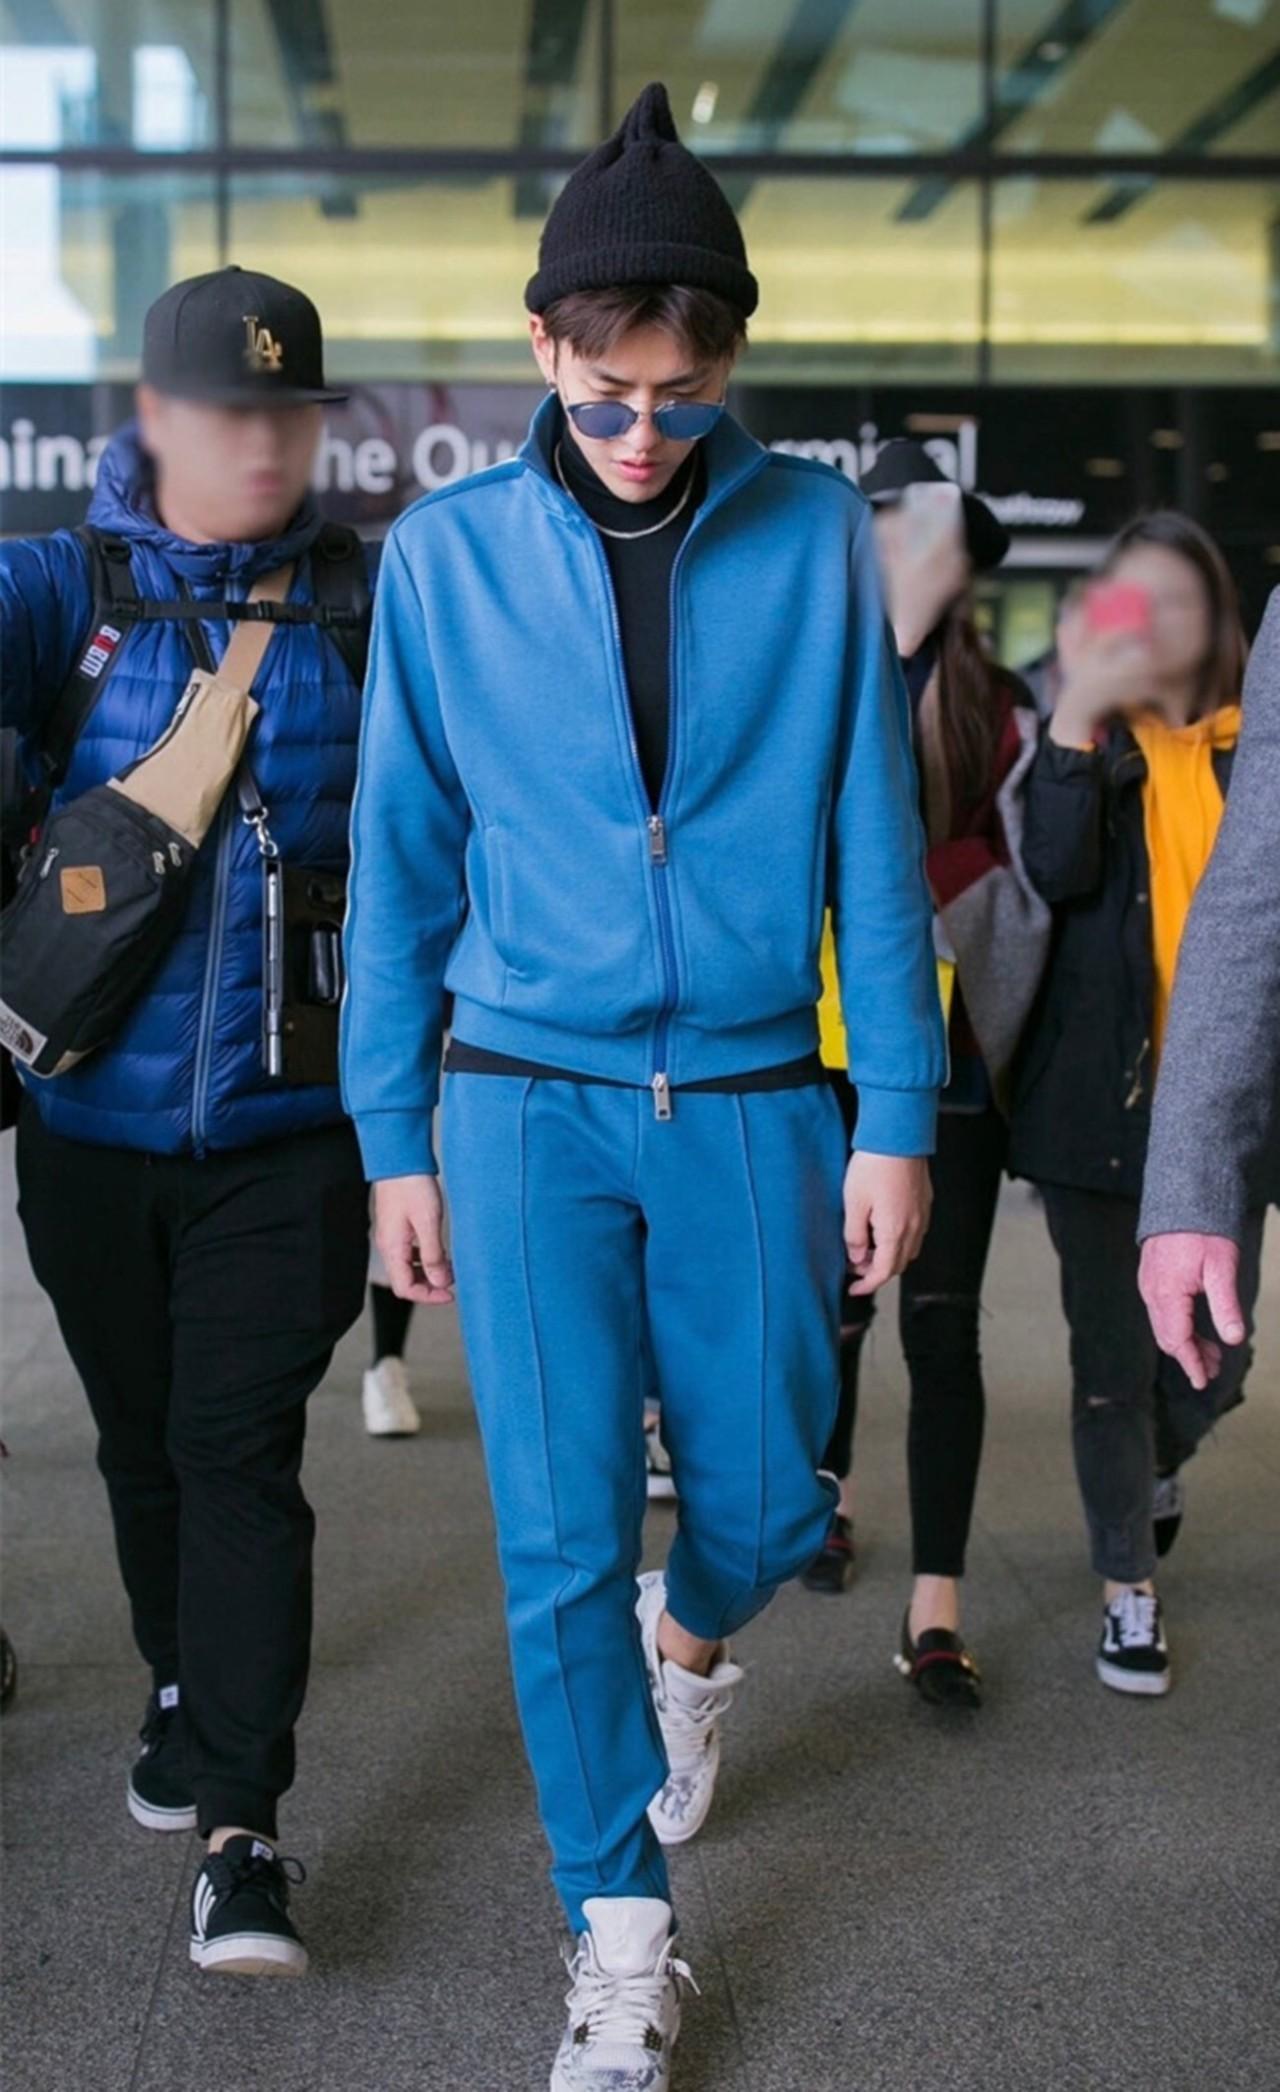 Chán lồng lộn, hàng loạt sao Hoa ngữ rủ nhau mặc nguyên bộ thể thao ra sân bay - Ảnh 3.